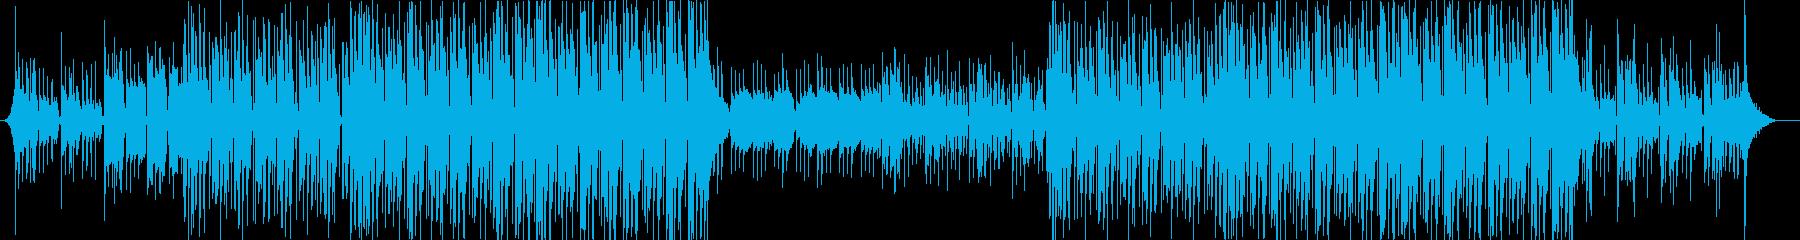 ◆メロウで落ち着いたFuturebassの再生済みの波形